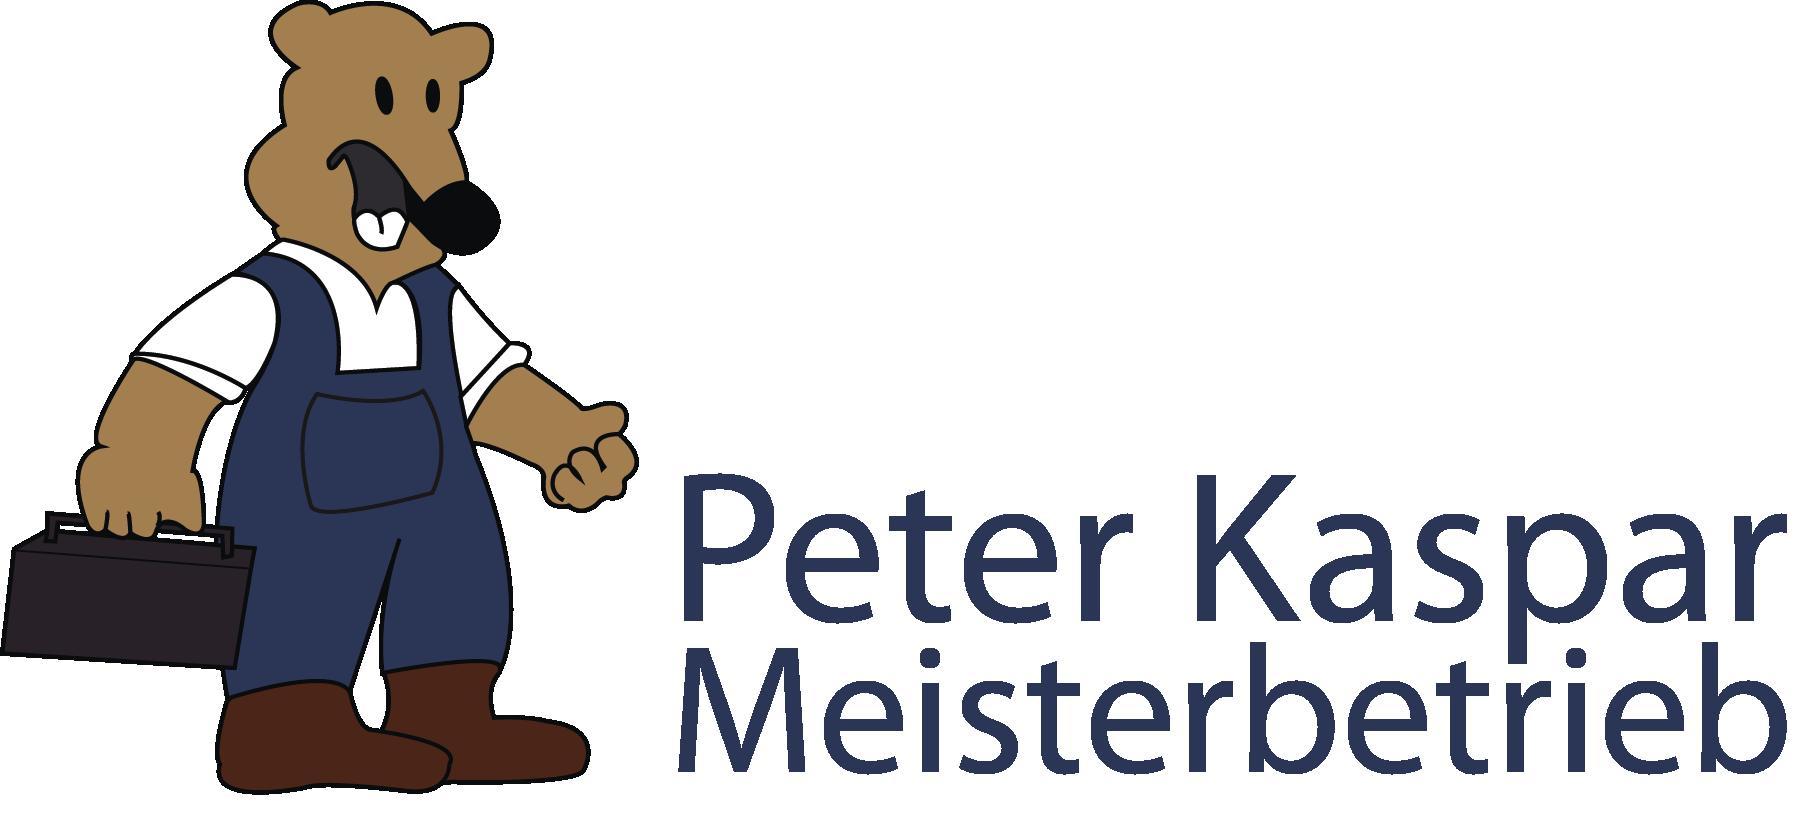 Peter Kaspar